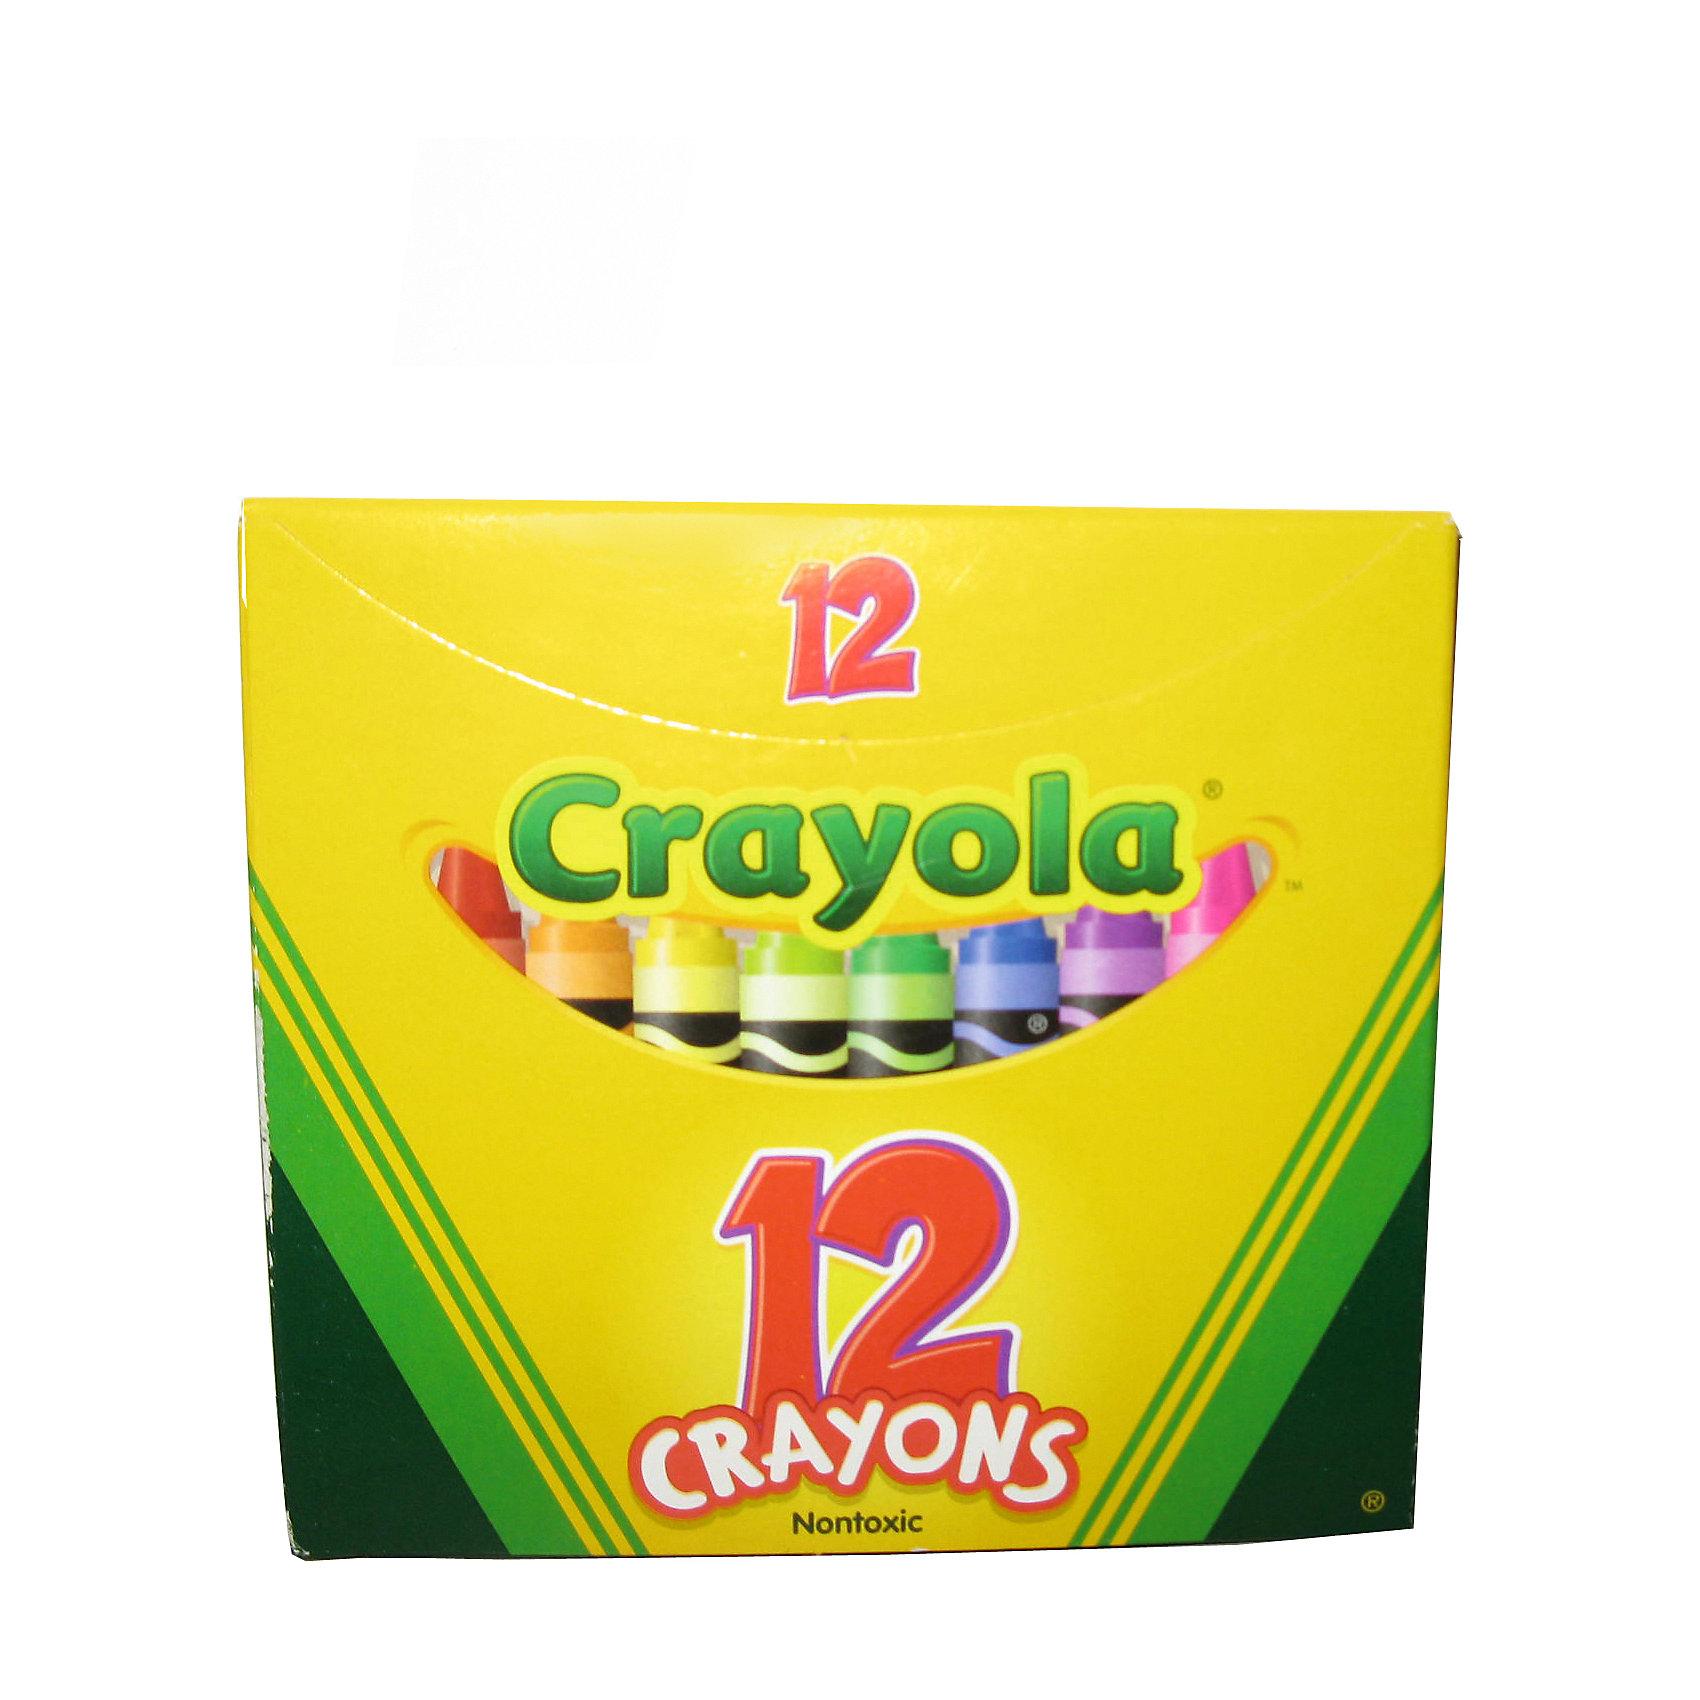 Набор из 12 разноцветных восковых мелков, CrayolaНабор из 12 разноцветных восковых мелков от Crayola (Крайола) обязательно порадует каждого ребёнка, ведь все дети так любят рисовать! Набор идеален для творческого развития вашего ребенка.<br><br>Мелки отлично передают цвета и не ломаются. Восковыми мелками можно рисовать на бумаге, картоне и дереве. Шерховатая поверхность больше не будет помехой для рисунков ребёнка, а если он захочет изменить свой рисунок, то сможет легко стереть ненужные линии ластиком!<br><br>Мелки фирмы Crayola (Крайола) изготовлены из натурального пчелиного воска с добавлением растительных красителей - они абсолютно безвредны для ваших детей. Их можно смыть тёплой водой с рук, любых поверхностей и одежды.<br><br>Набор из 12 разноцветных восковых мелков от Crayola (Крайола) можно купить в нашем интернет-магазине.<br><br>Дополнительная информация:<br>В набор входит: 12 цветных восковых мелков<br>Длина мелка: 9,5 см<br>Размер упаковки: 10,5 x 10 x 1 см<br><br>Ширина мм: 170<br>Глубина мм: 265<br>Высота мм: 35<br>Вес г: 800<br>Возраст от месяцев: 36<br>Возраст до месяцев: 1188<br>Пол: Унисекс<br>Возраст: Детский<br>SKU: 2149649